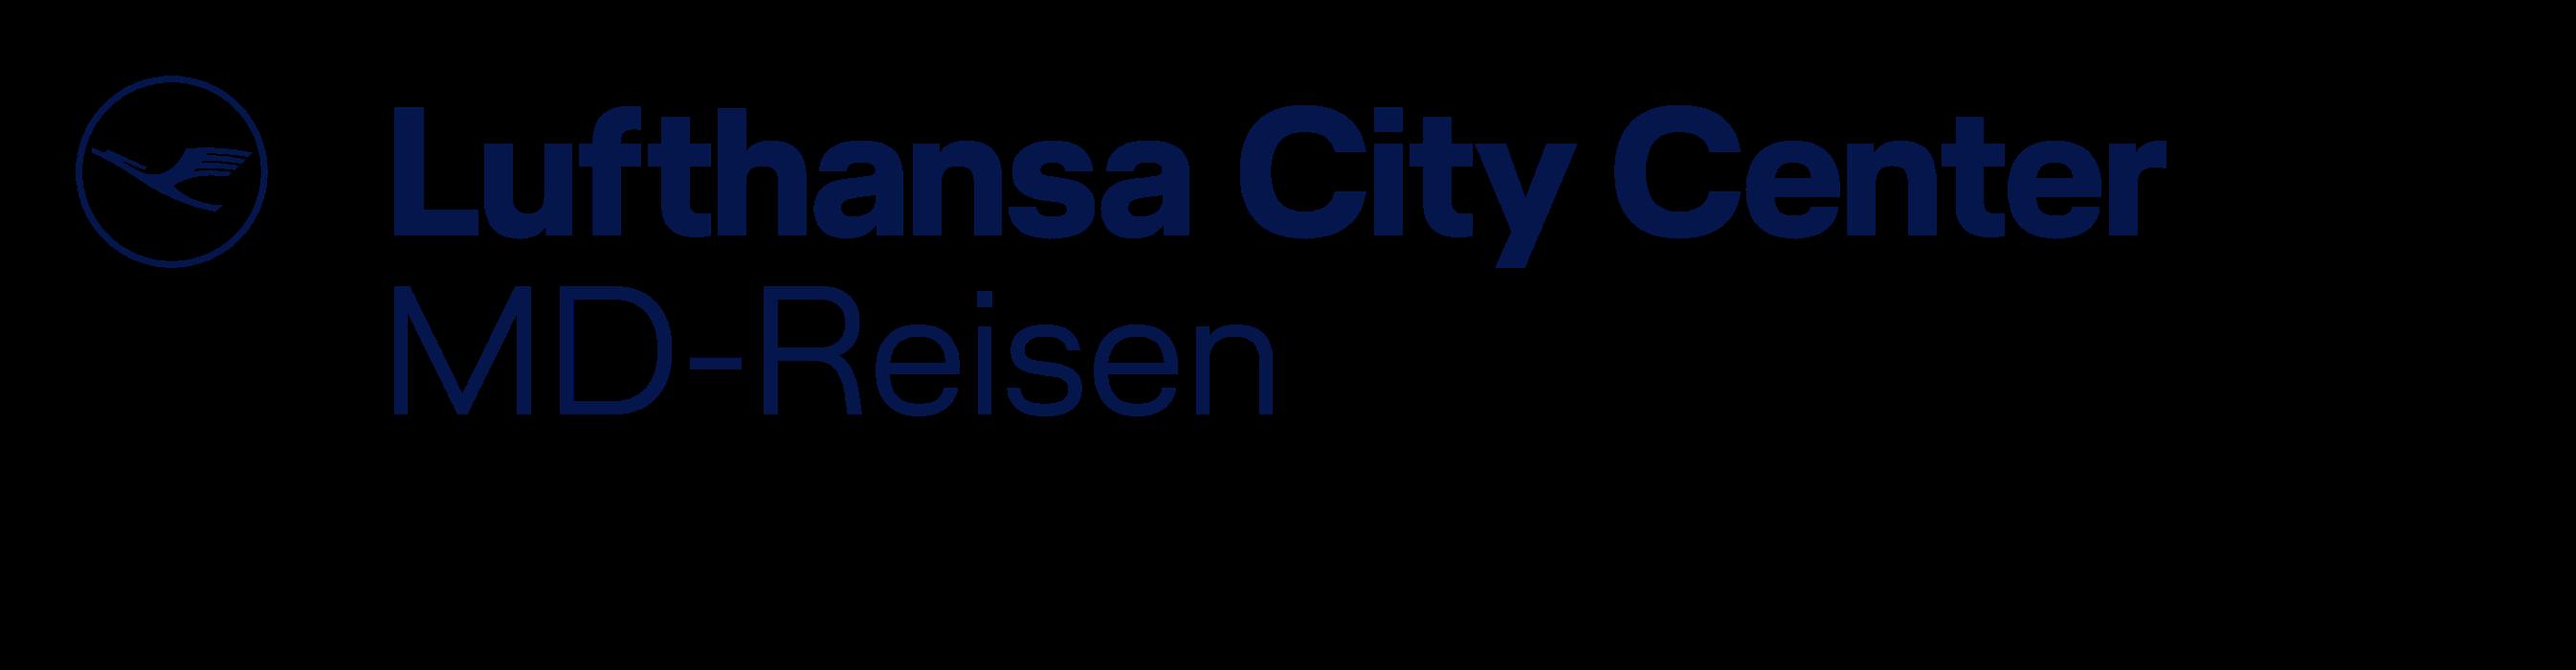 Lufthansa City Center MD-Reisen